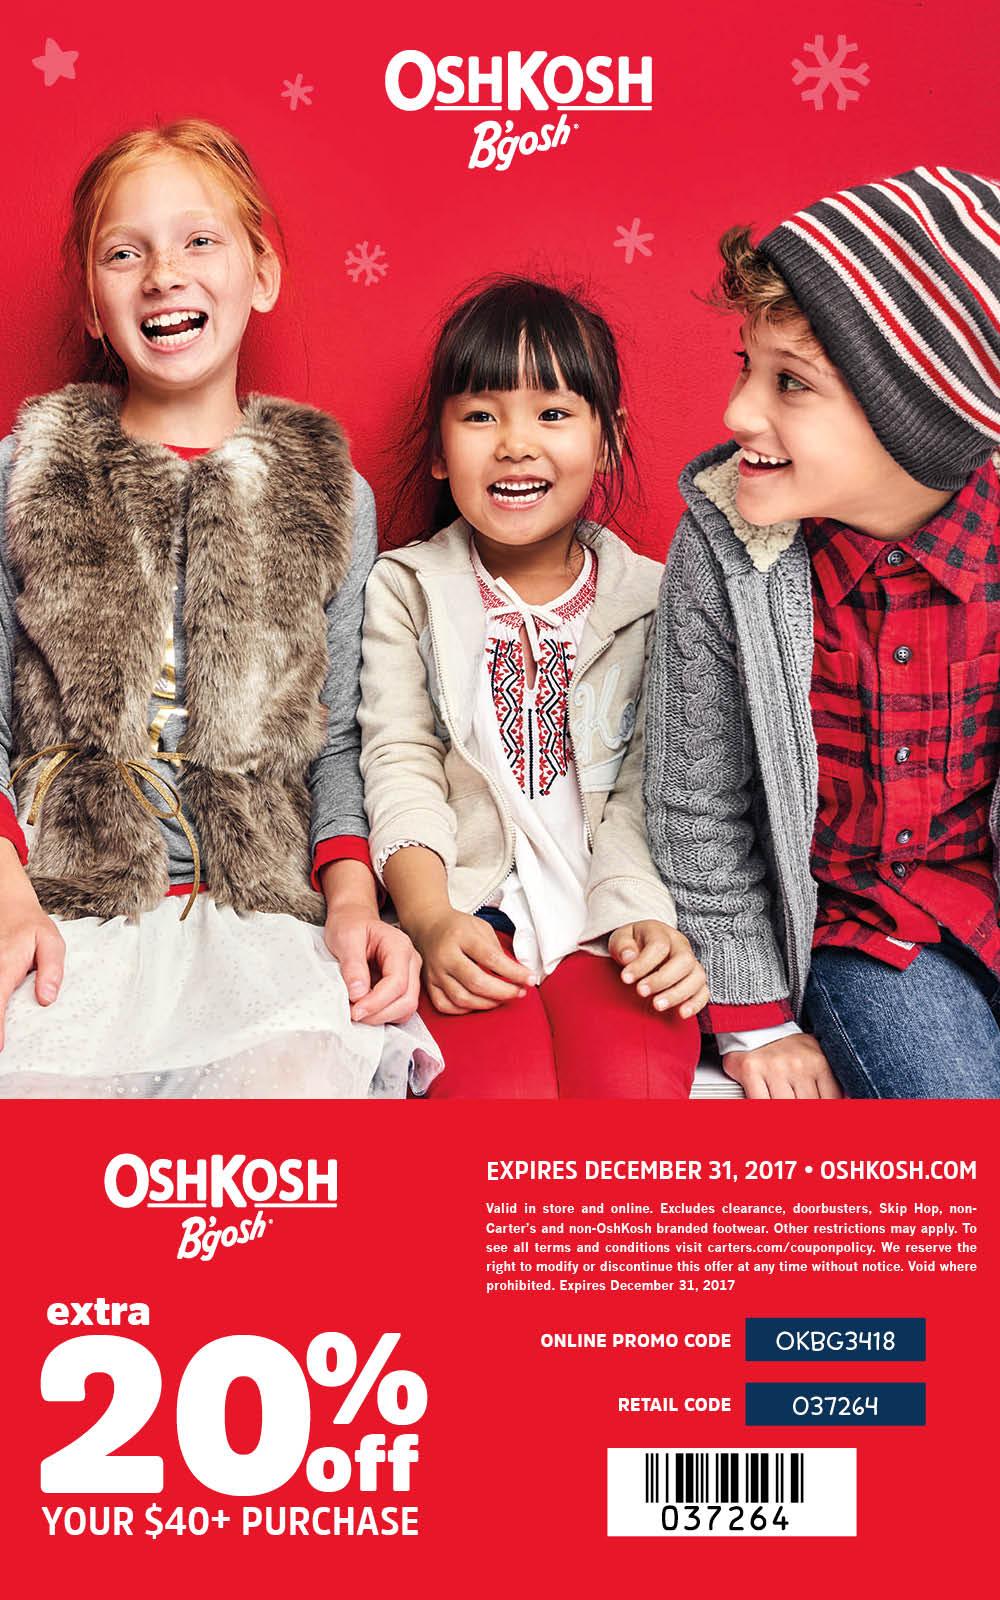 OshKosh-la-moda-infantil-perfecta-para-las-fiestas